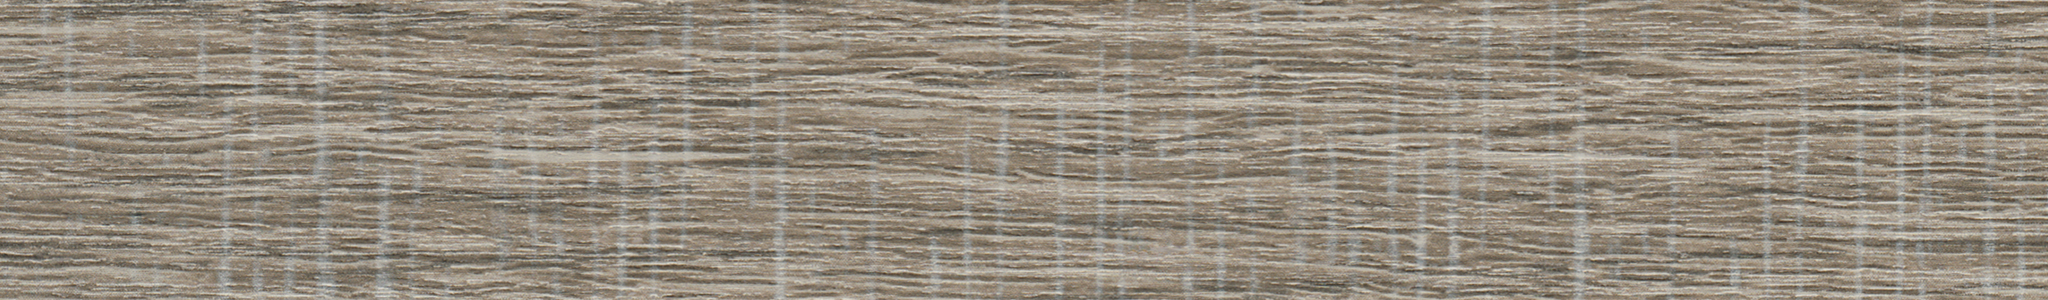 HD 243197 ABS hrana dub gravír